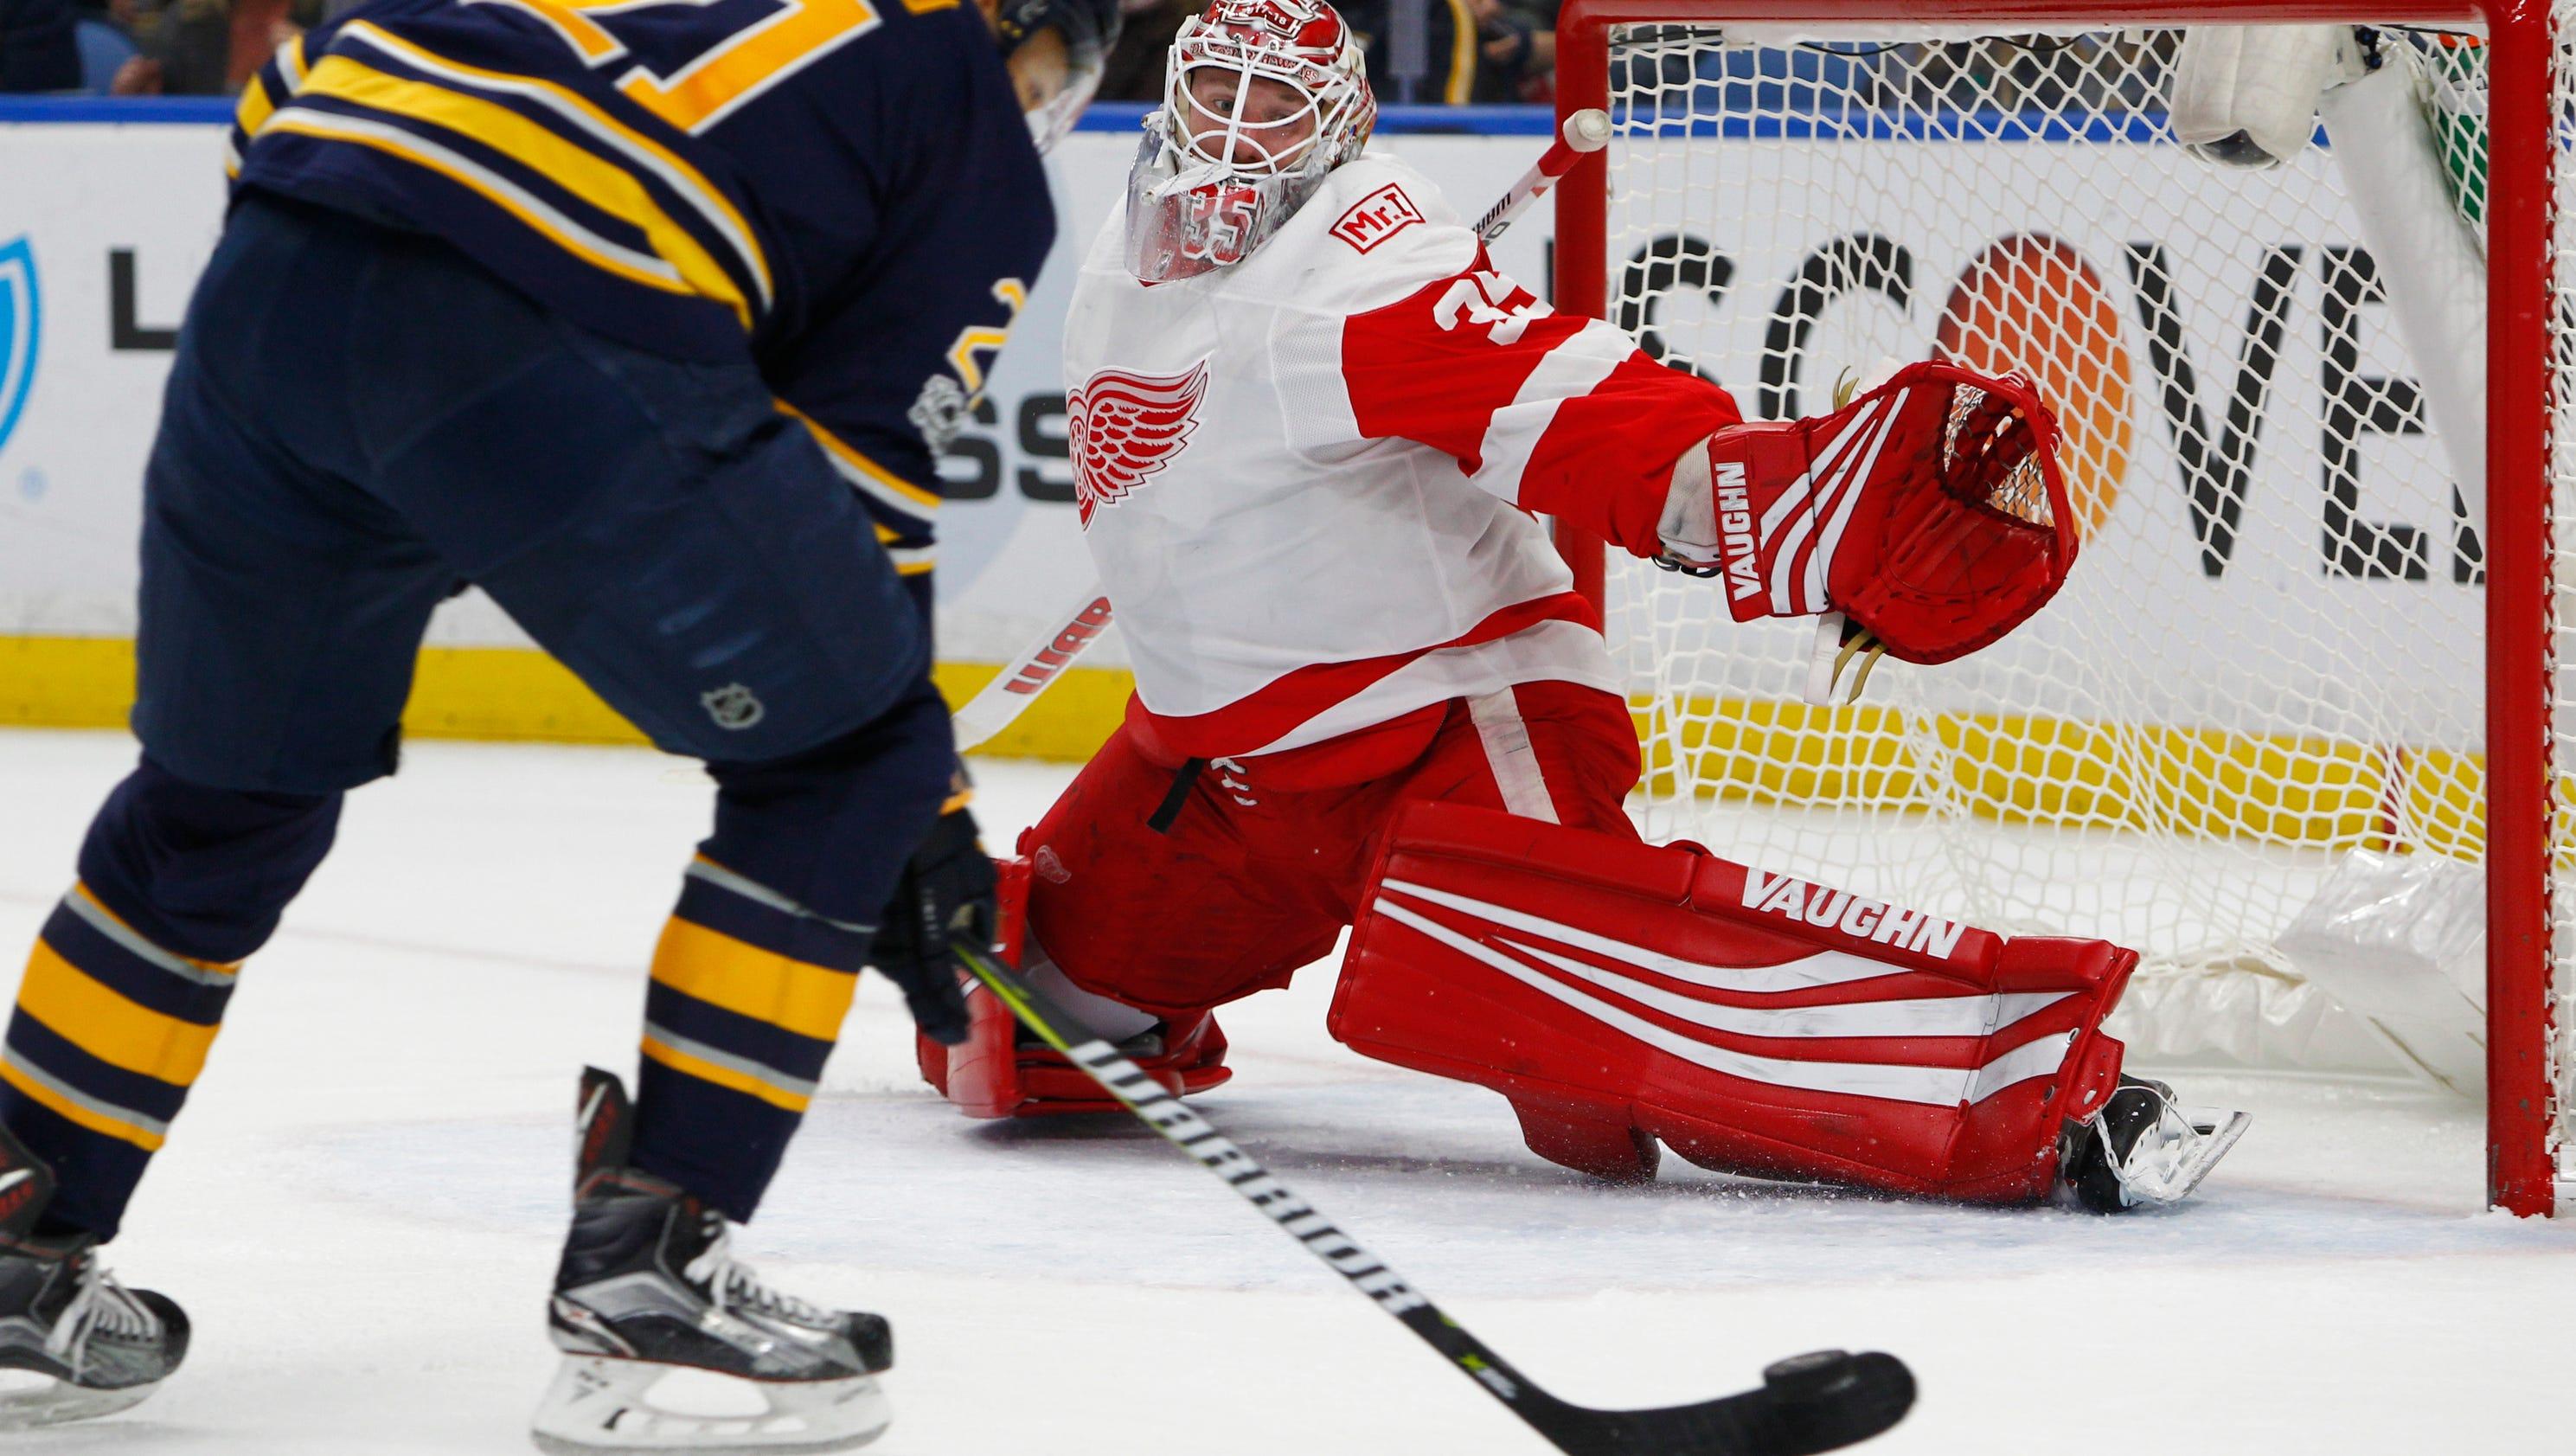 636444783572196852-ap-red-wings-sabres-hockey-n-3-